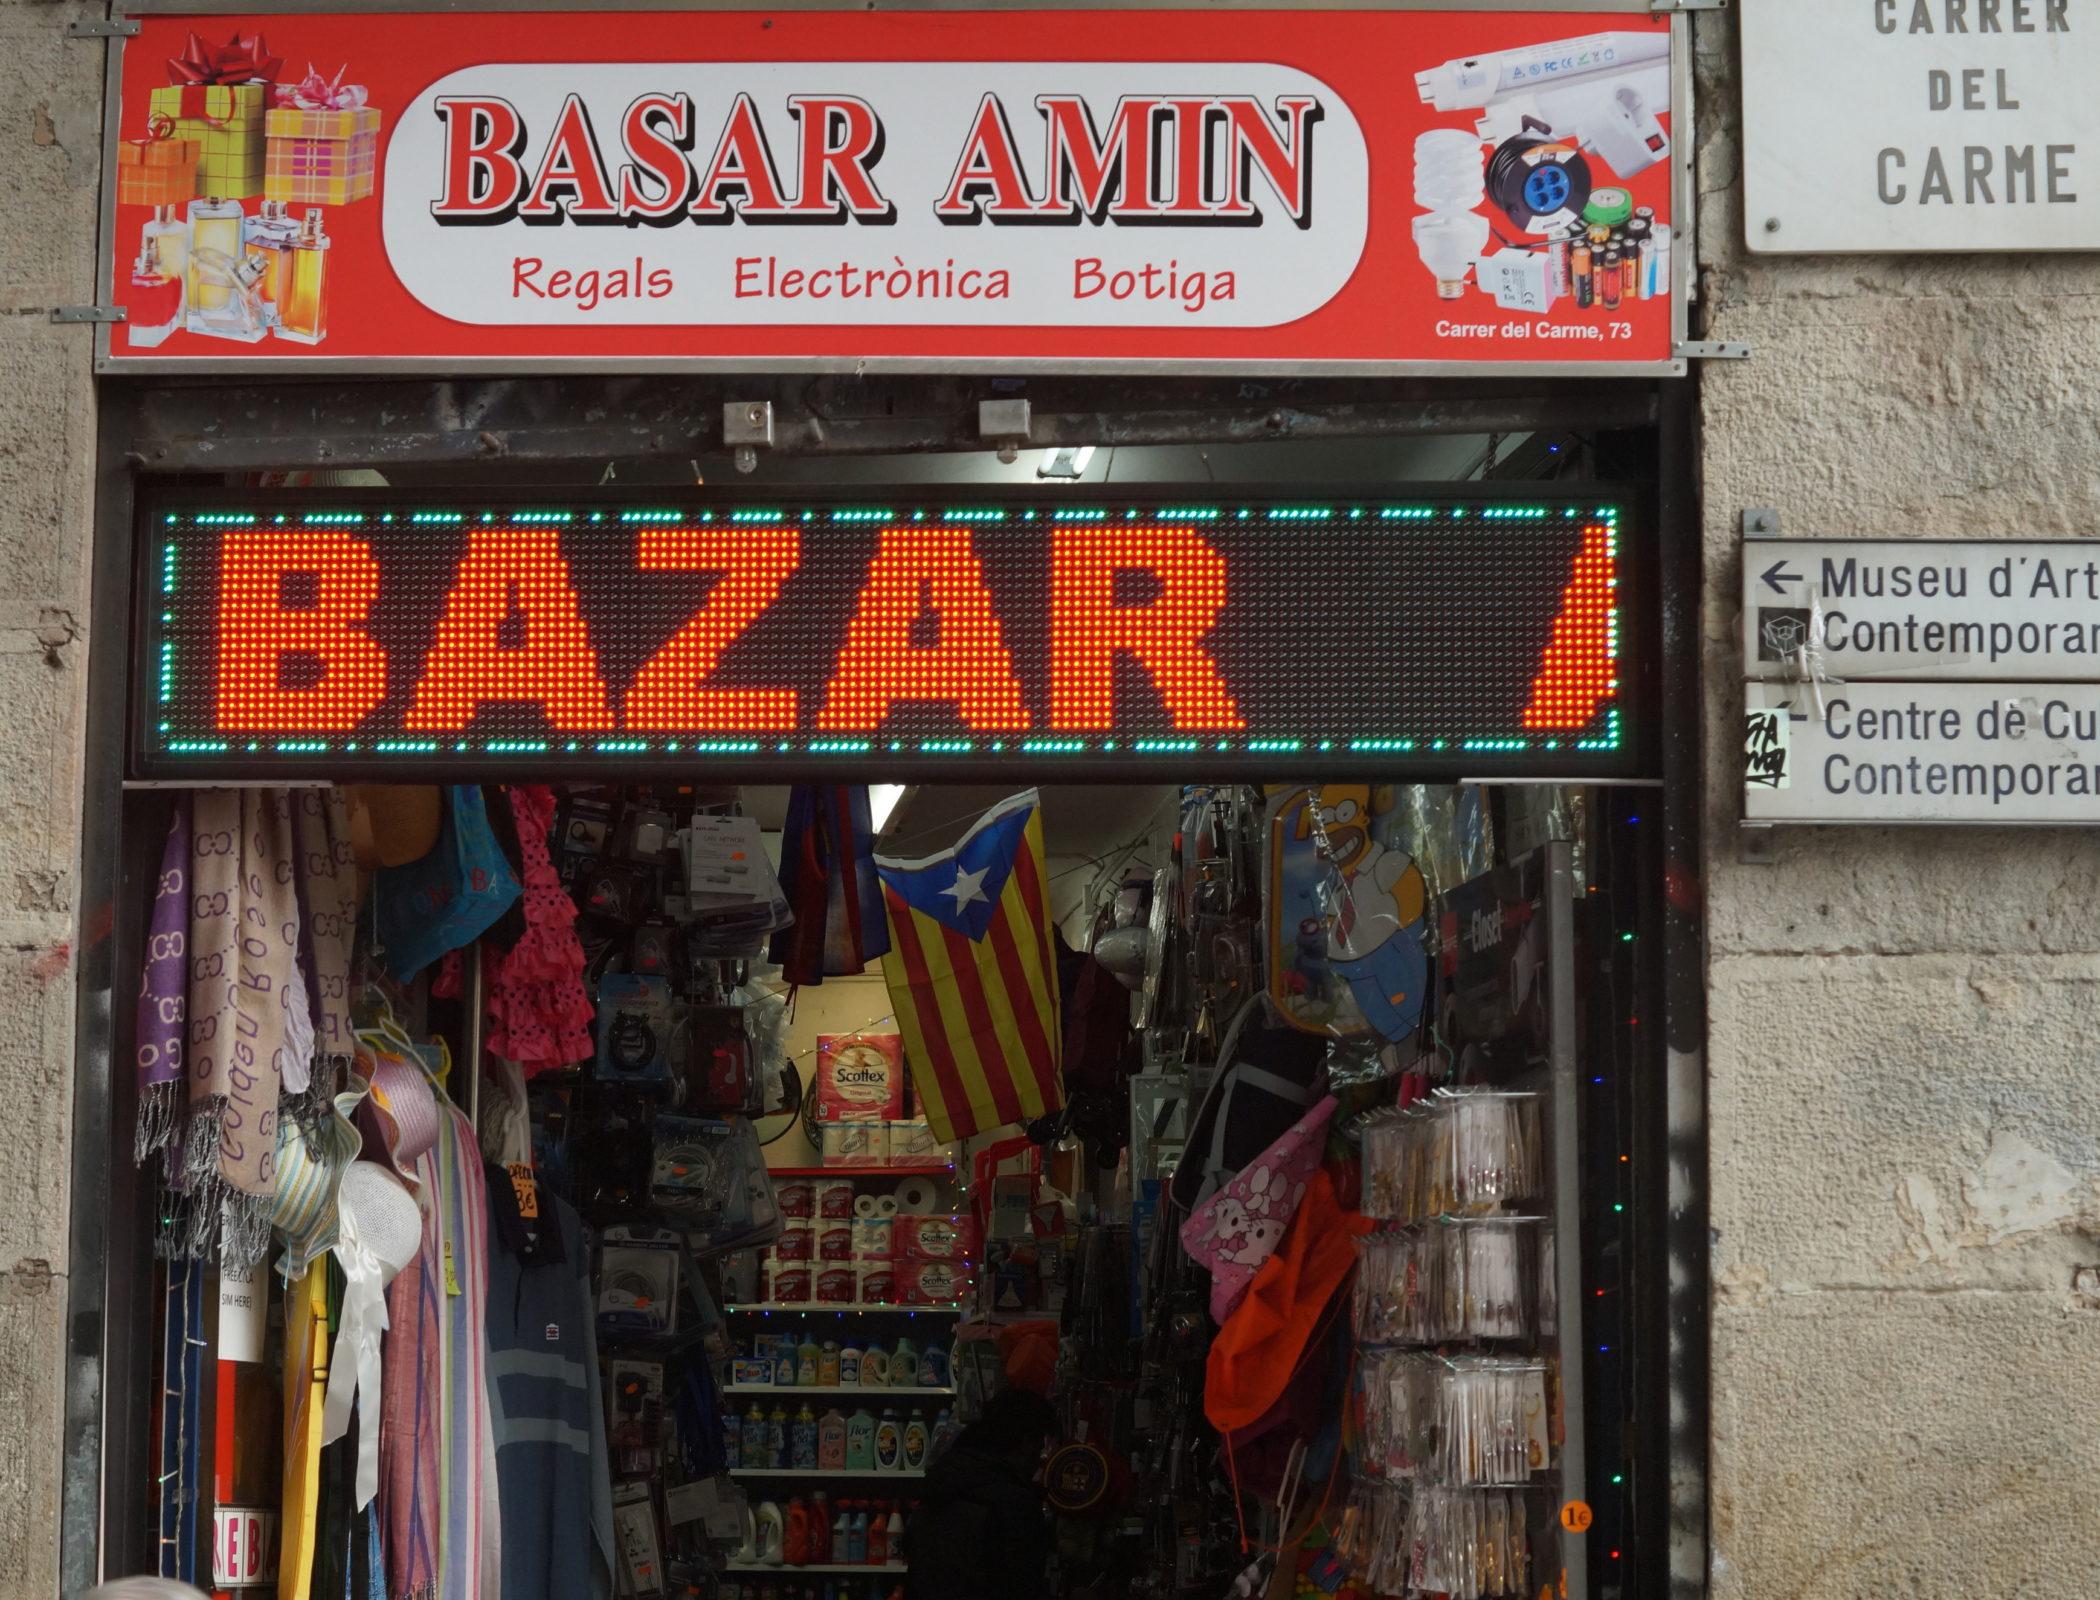 Barcelone, le 21 février 2018. Dans les bazars, les drapeaux catalans sont en vente. © Mohamed‐Amin Kehel